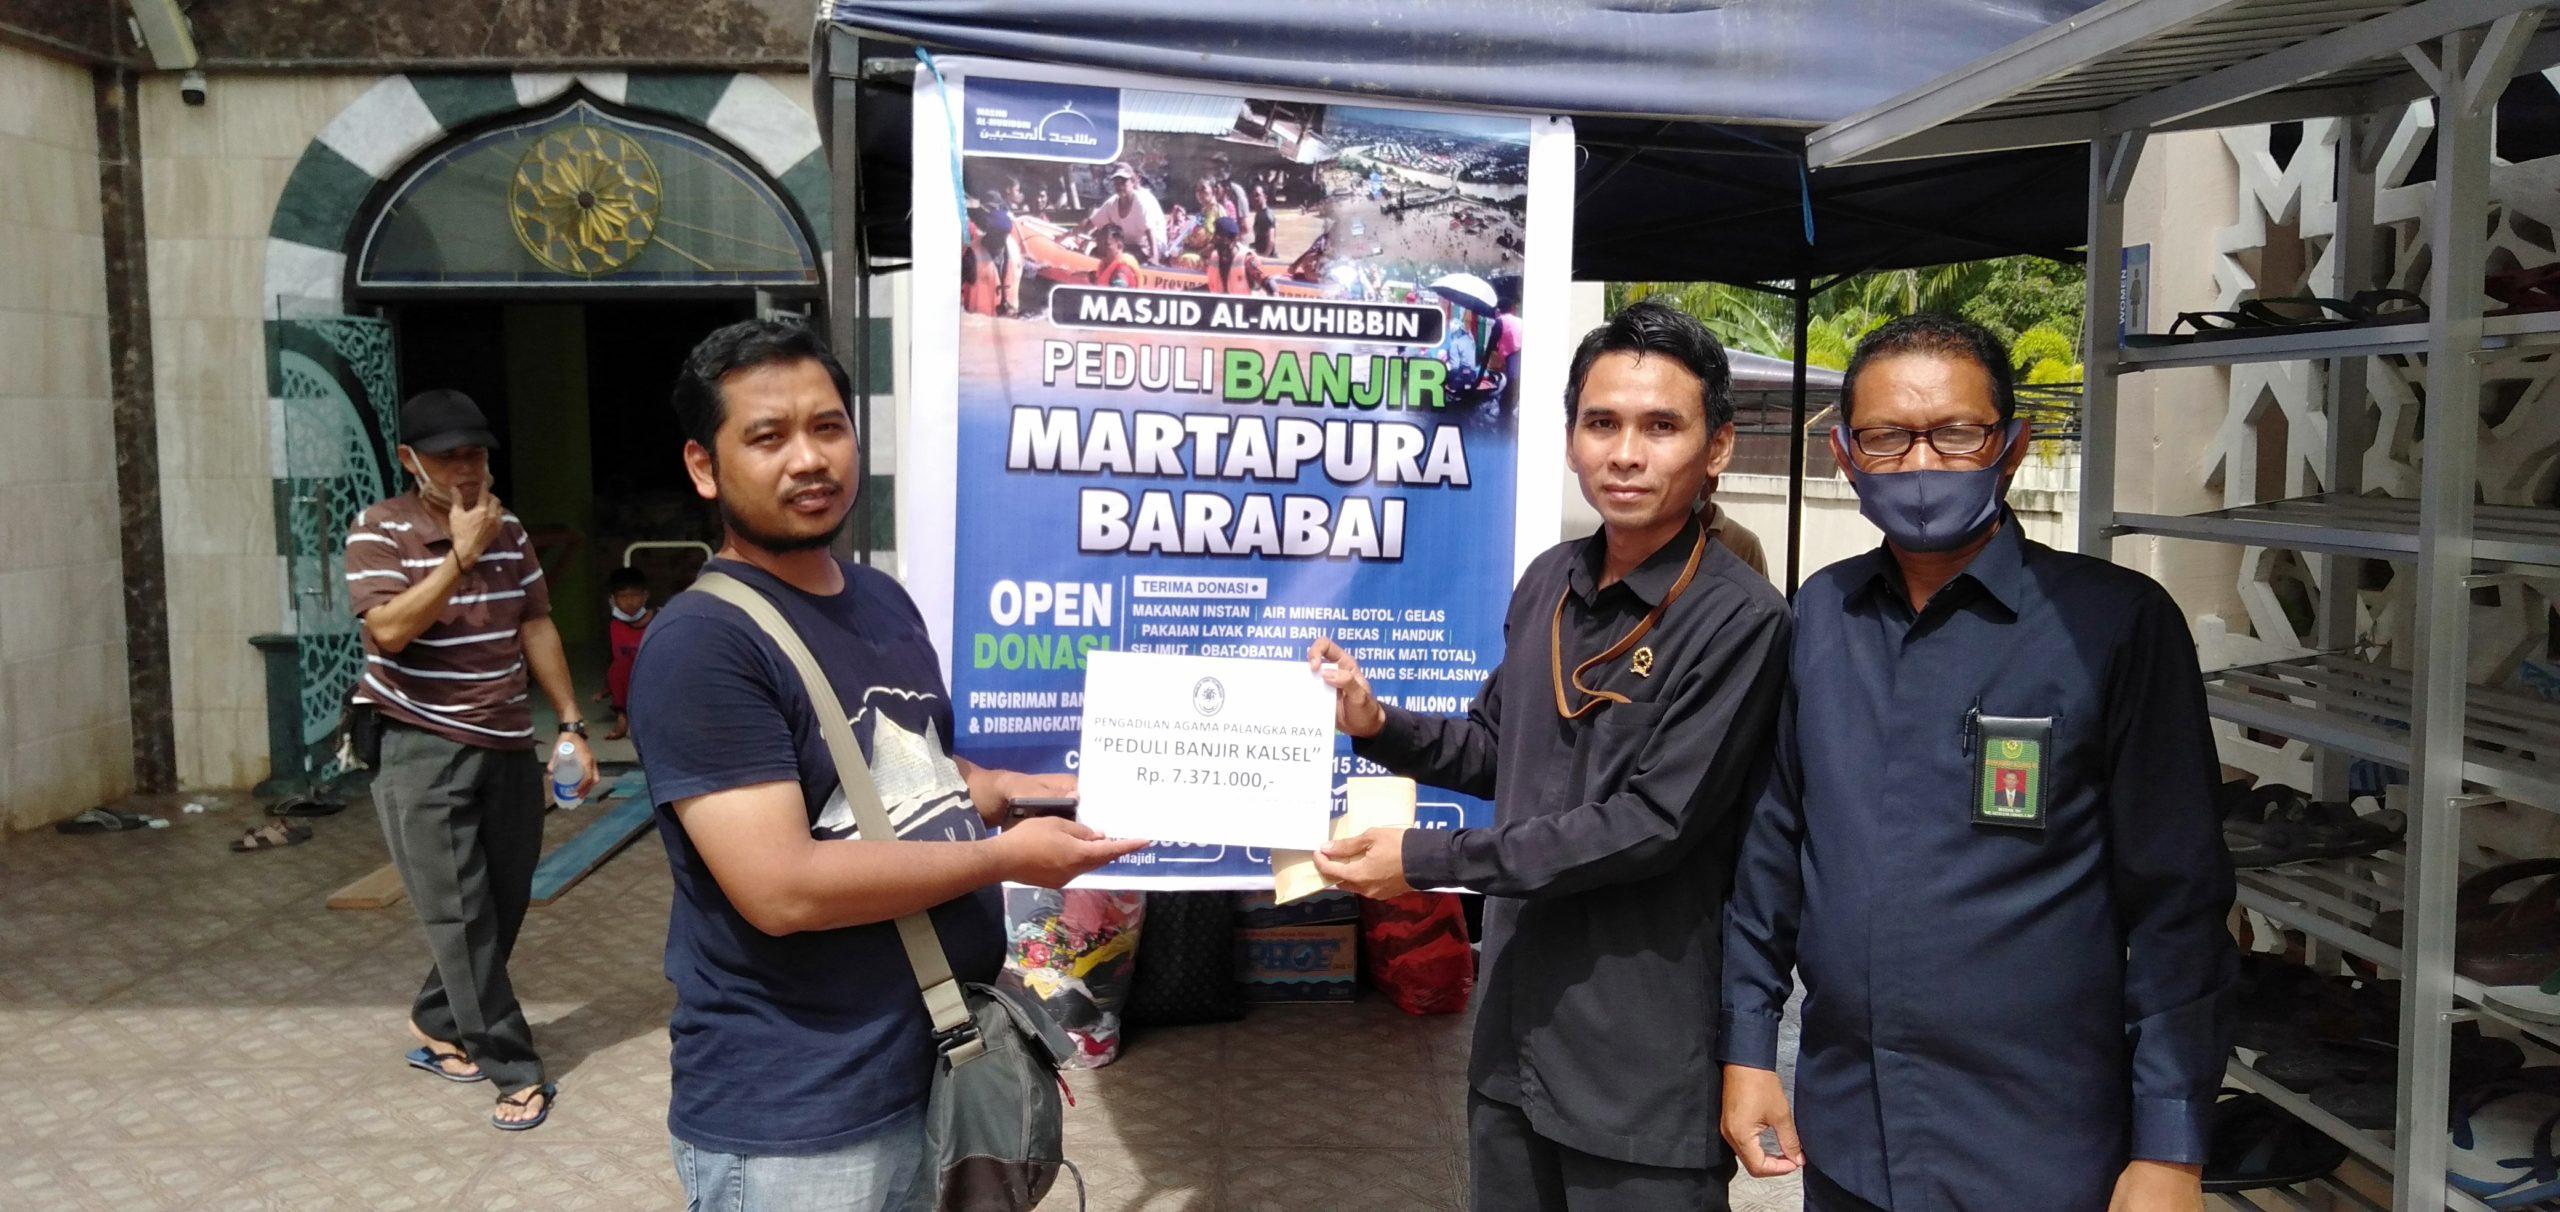 PA Palangka Raya Serahkan Bantuan Melalui Program Peduli Banjir Martapura-Barabai Masjid al-Muhibbin Palangka Raya